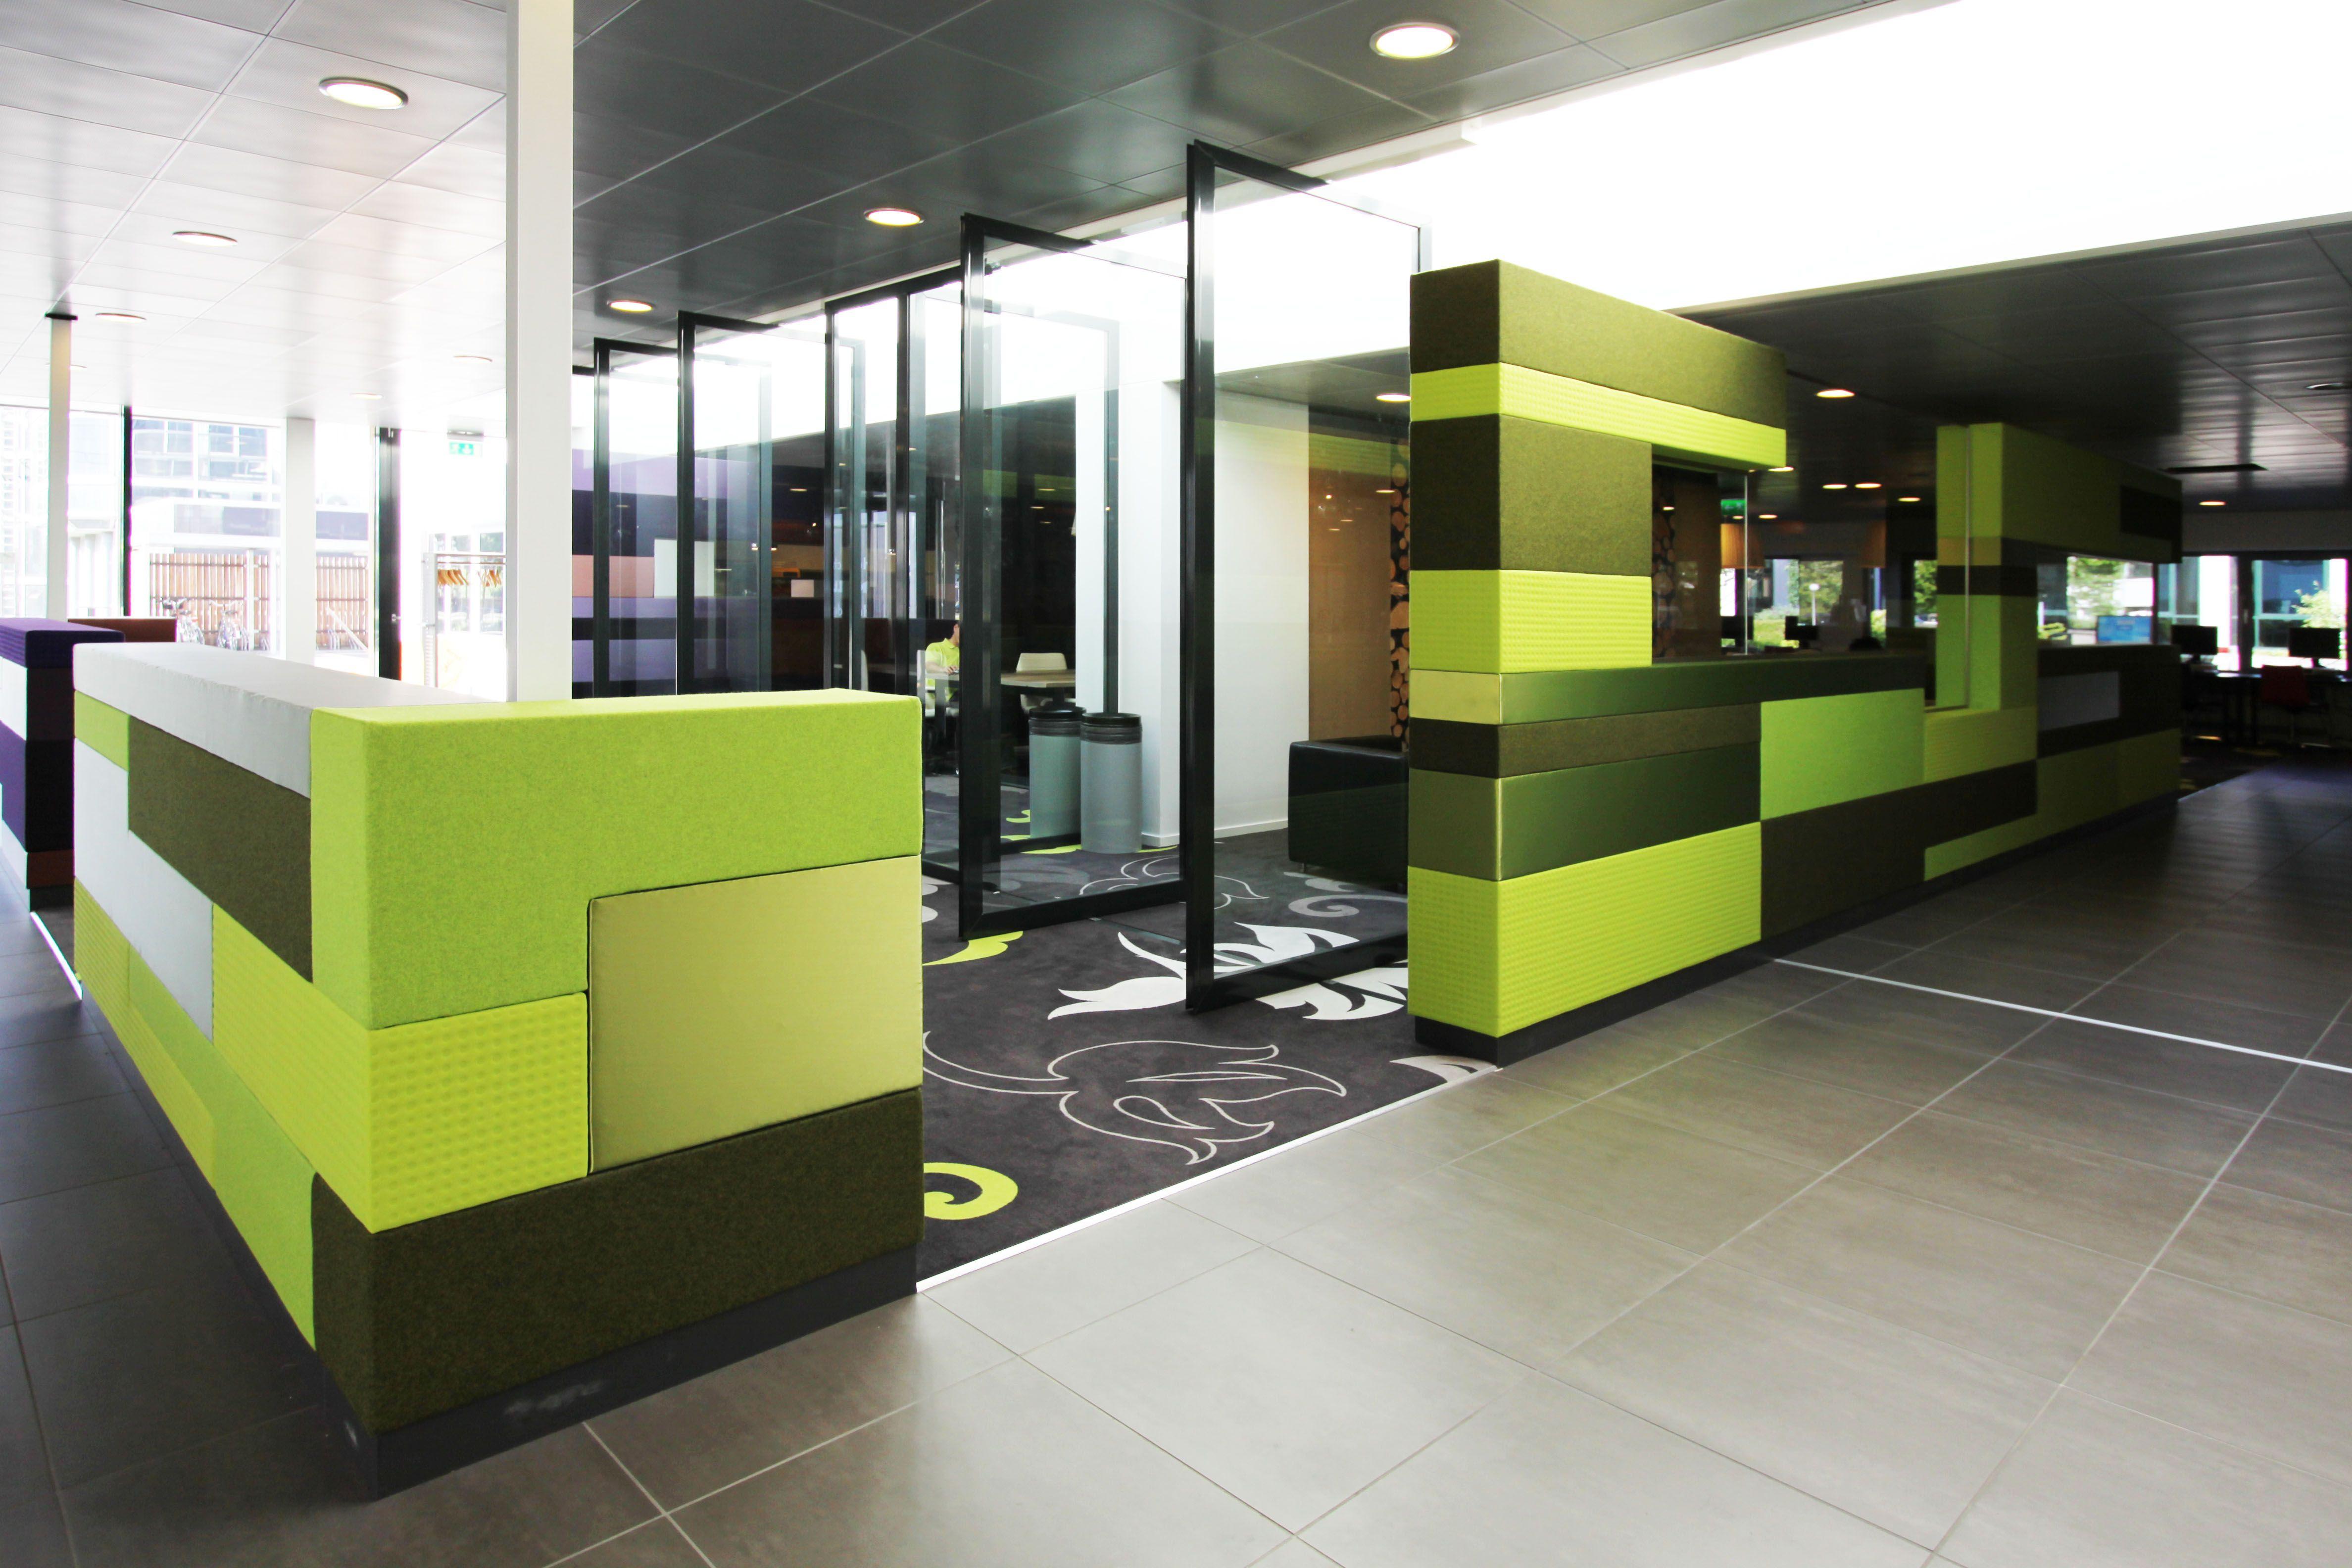 wanden bekleed #interieur school meubilair - In Holland, Hoofddorp ...